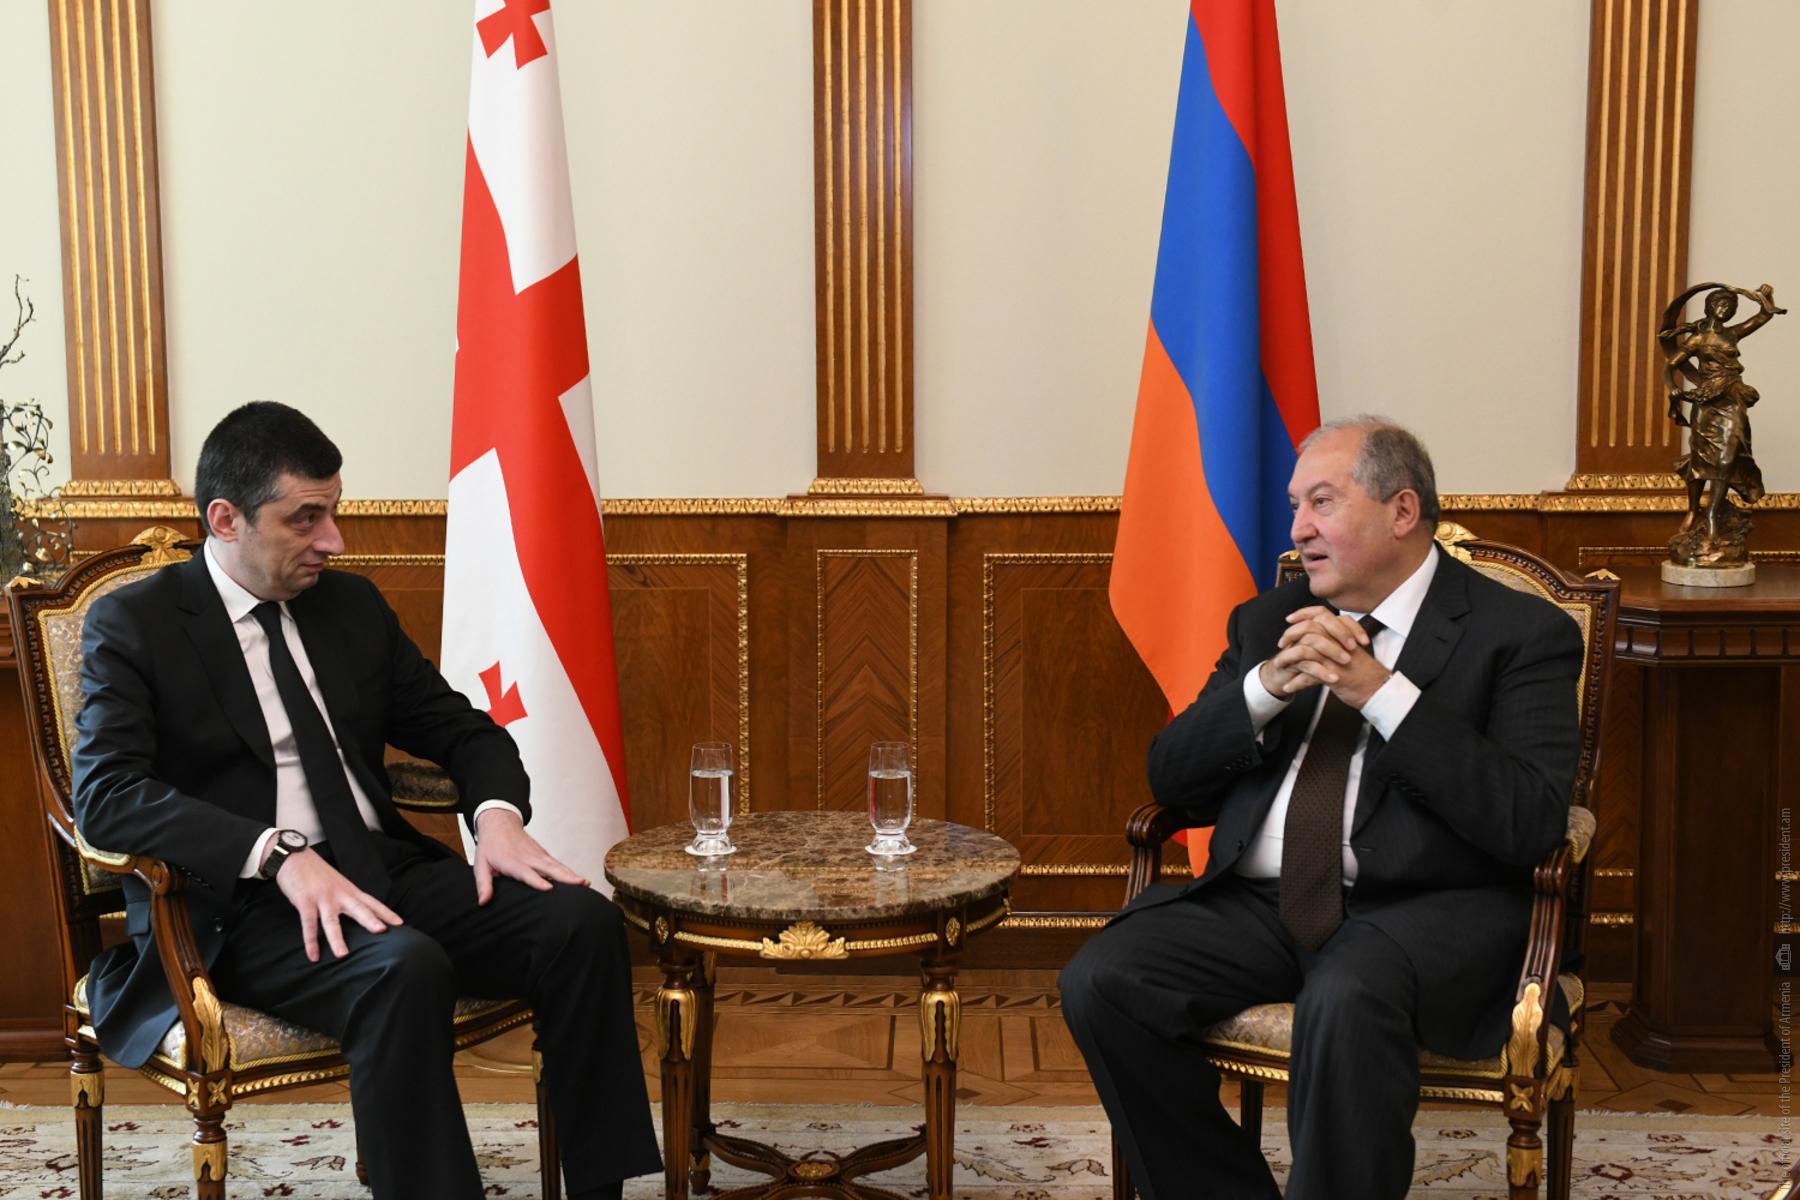 Նախագահ Սարգսյանը հյուրընկալել է Վրաստանի վարչապետ Գեորգի Գախարիային